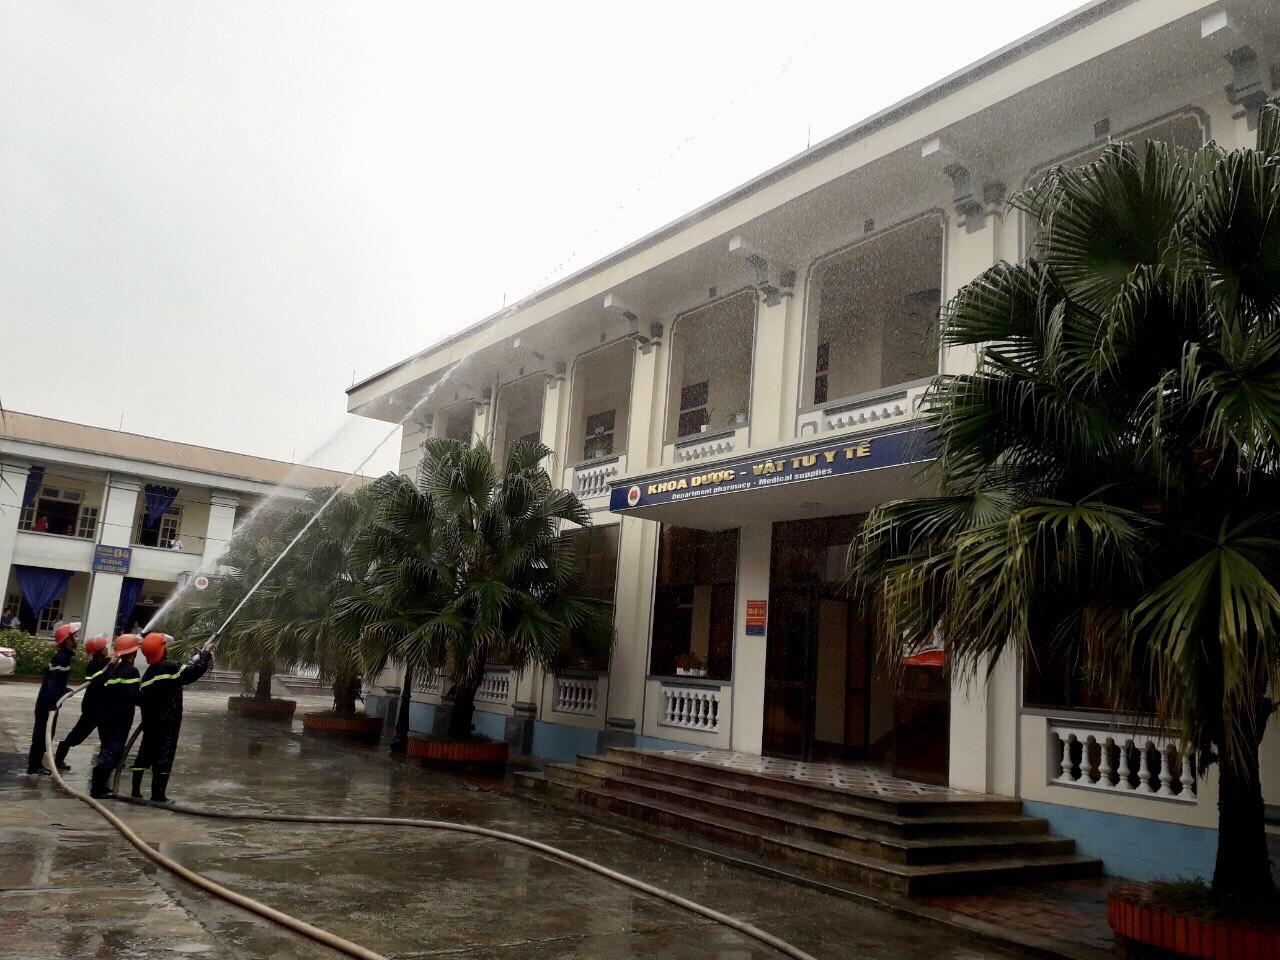 Bệnh viện Lao và Bệnh Phổi tỉnh Phú Thọ: Đảm bảo an toàn và chấp hành nghiêm chỉnh luật phòng cháy, chữa cháy - Ảnh 5